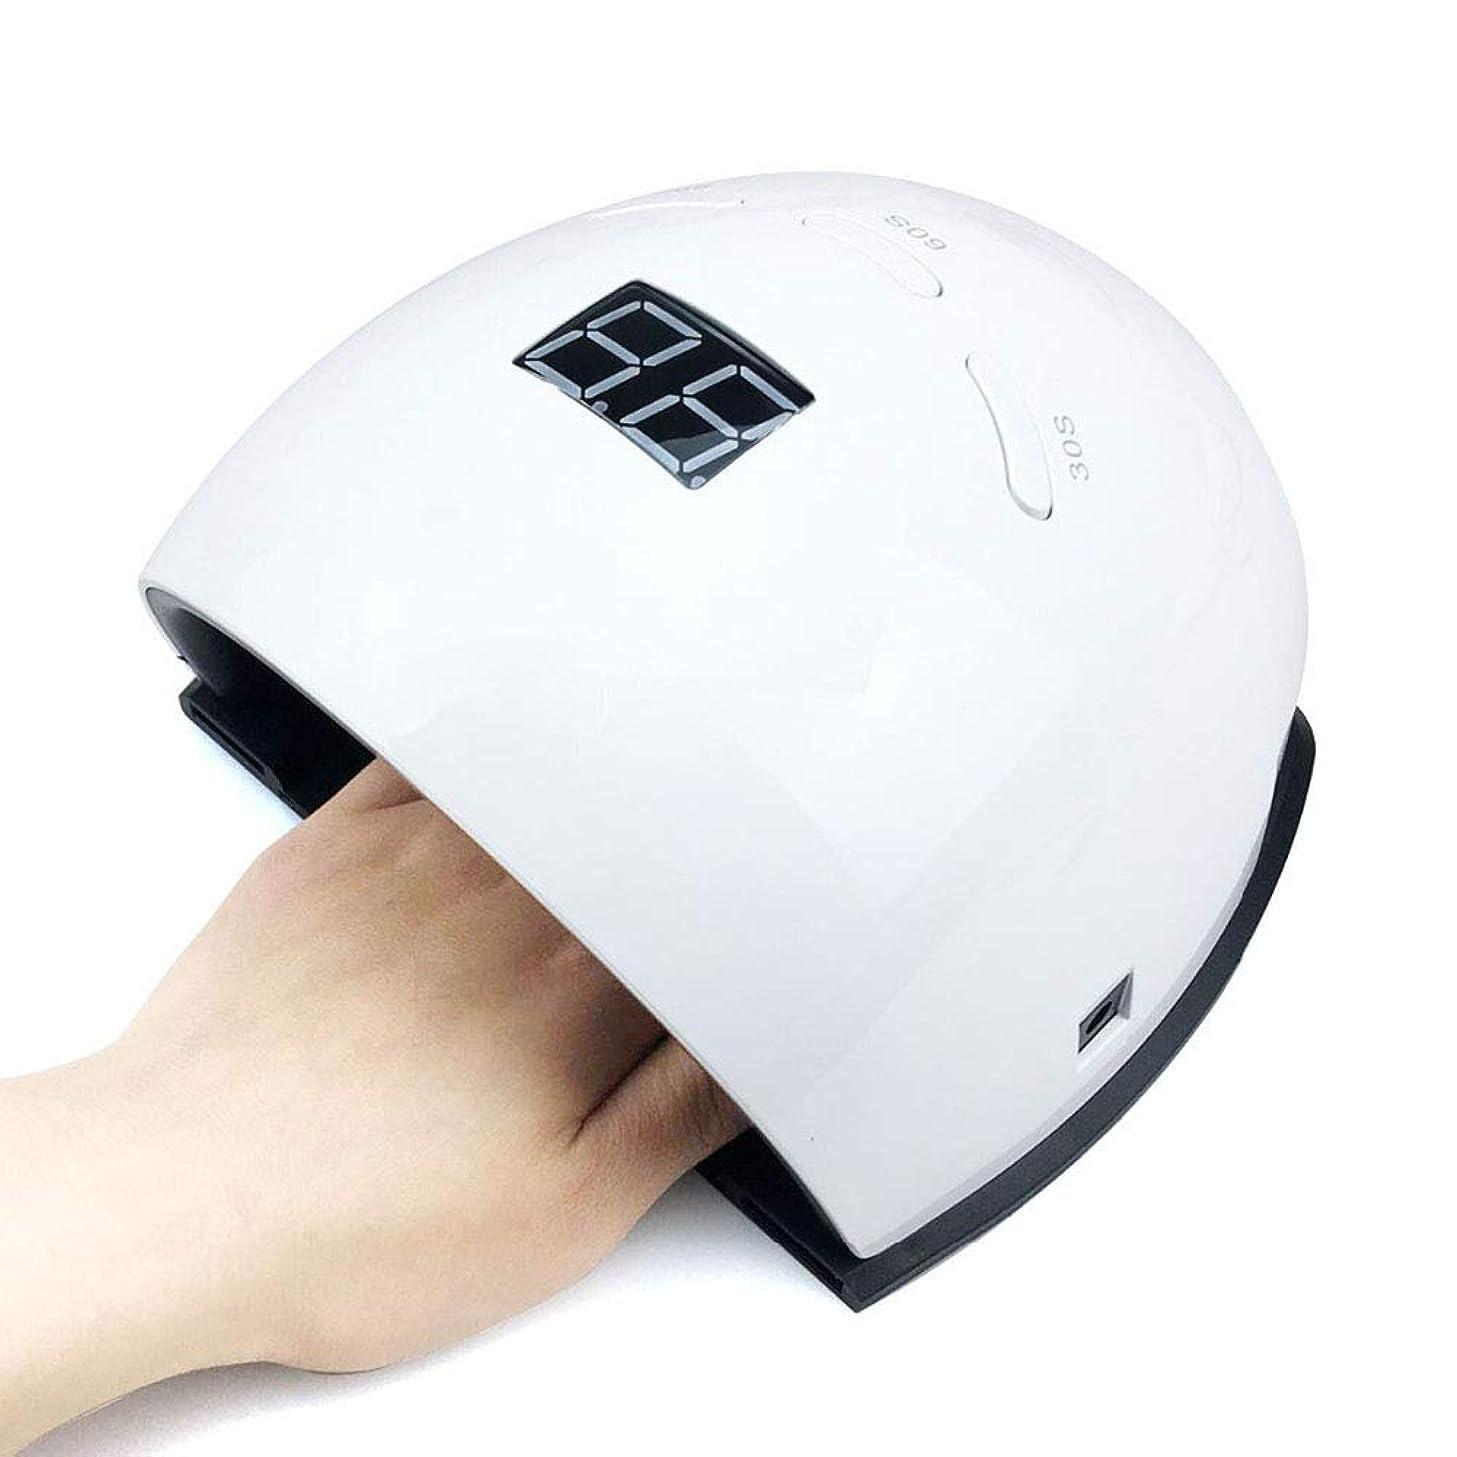 ひねり原告世代48W UV LED ネイル硬化光インテリジェント自動センサー3タイマープリセットプロ高速